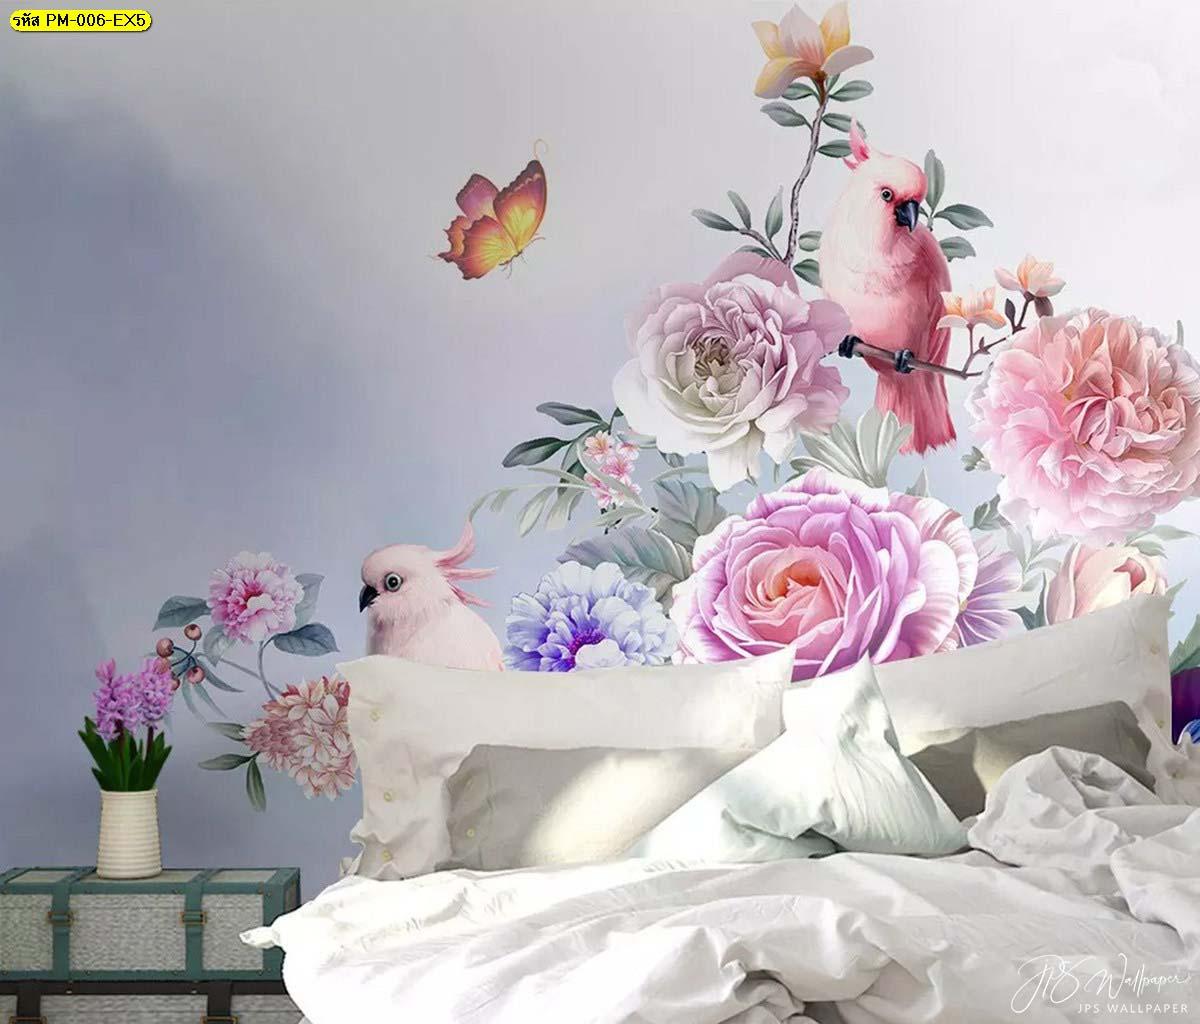 ห้องนอน ตกแต่งวอลเปเปอร์เกรดพรีเมี่ยมลายสวนดอกไม้สไตล์อังกฤษ